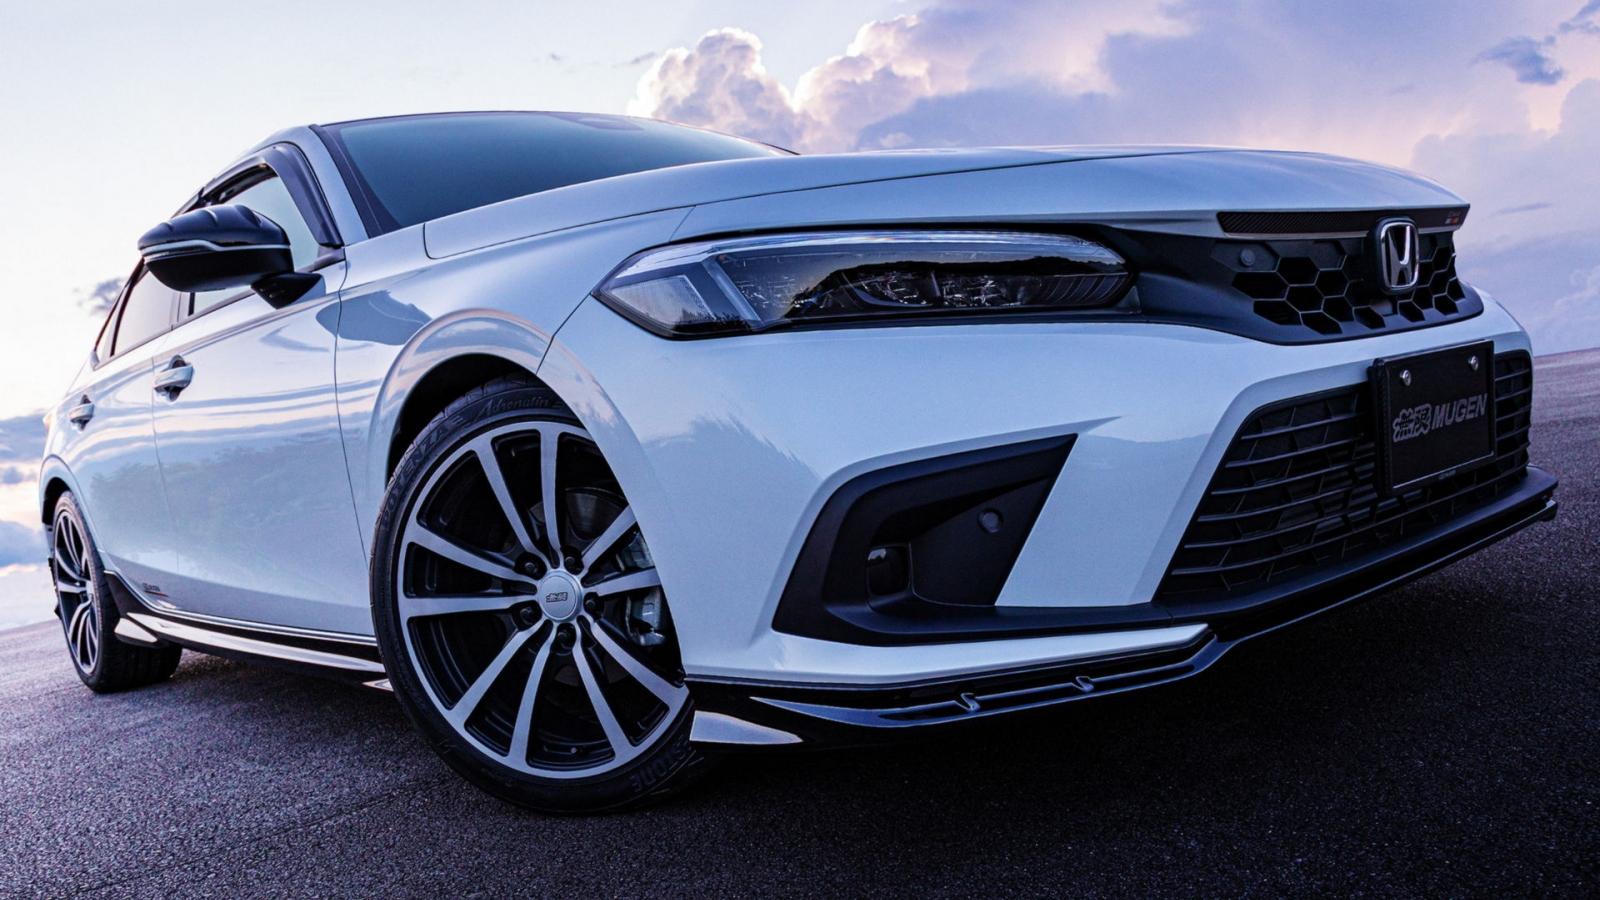 Honda Civic mới cá tính hơn với gói độ của Mugen